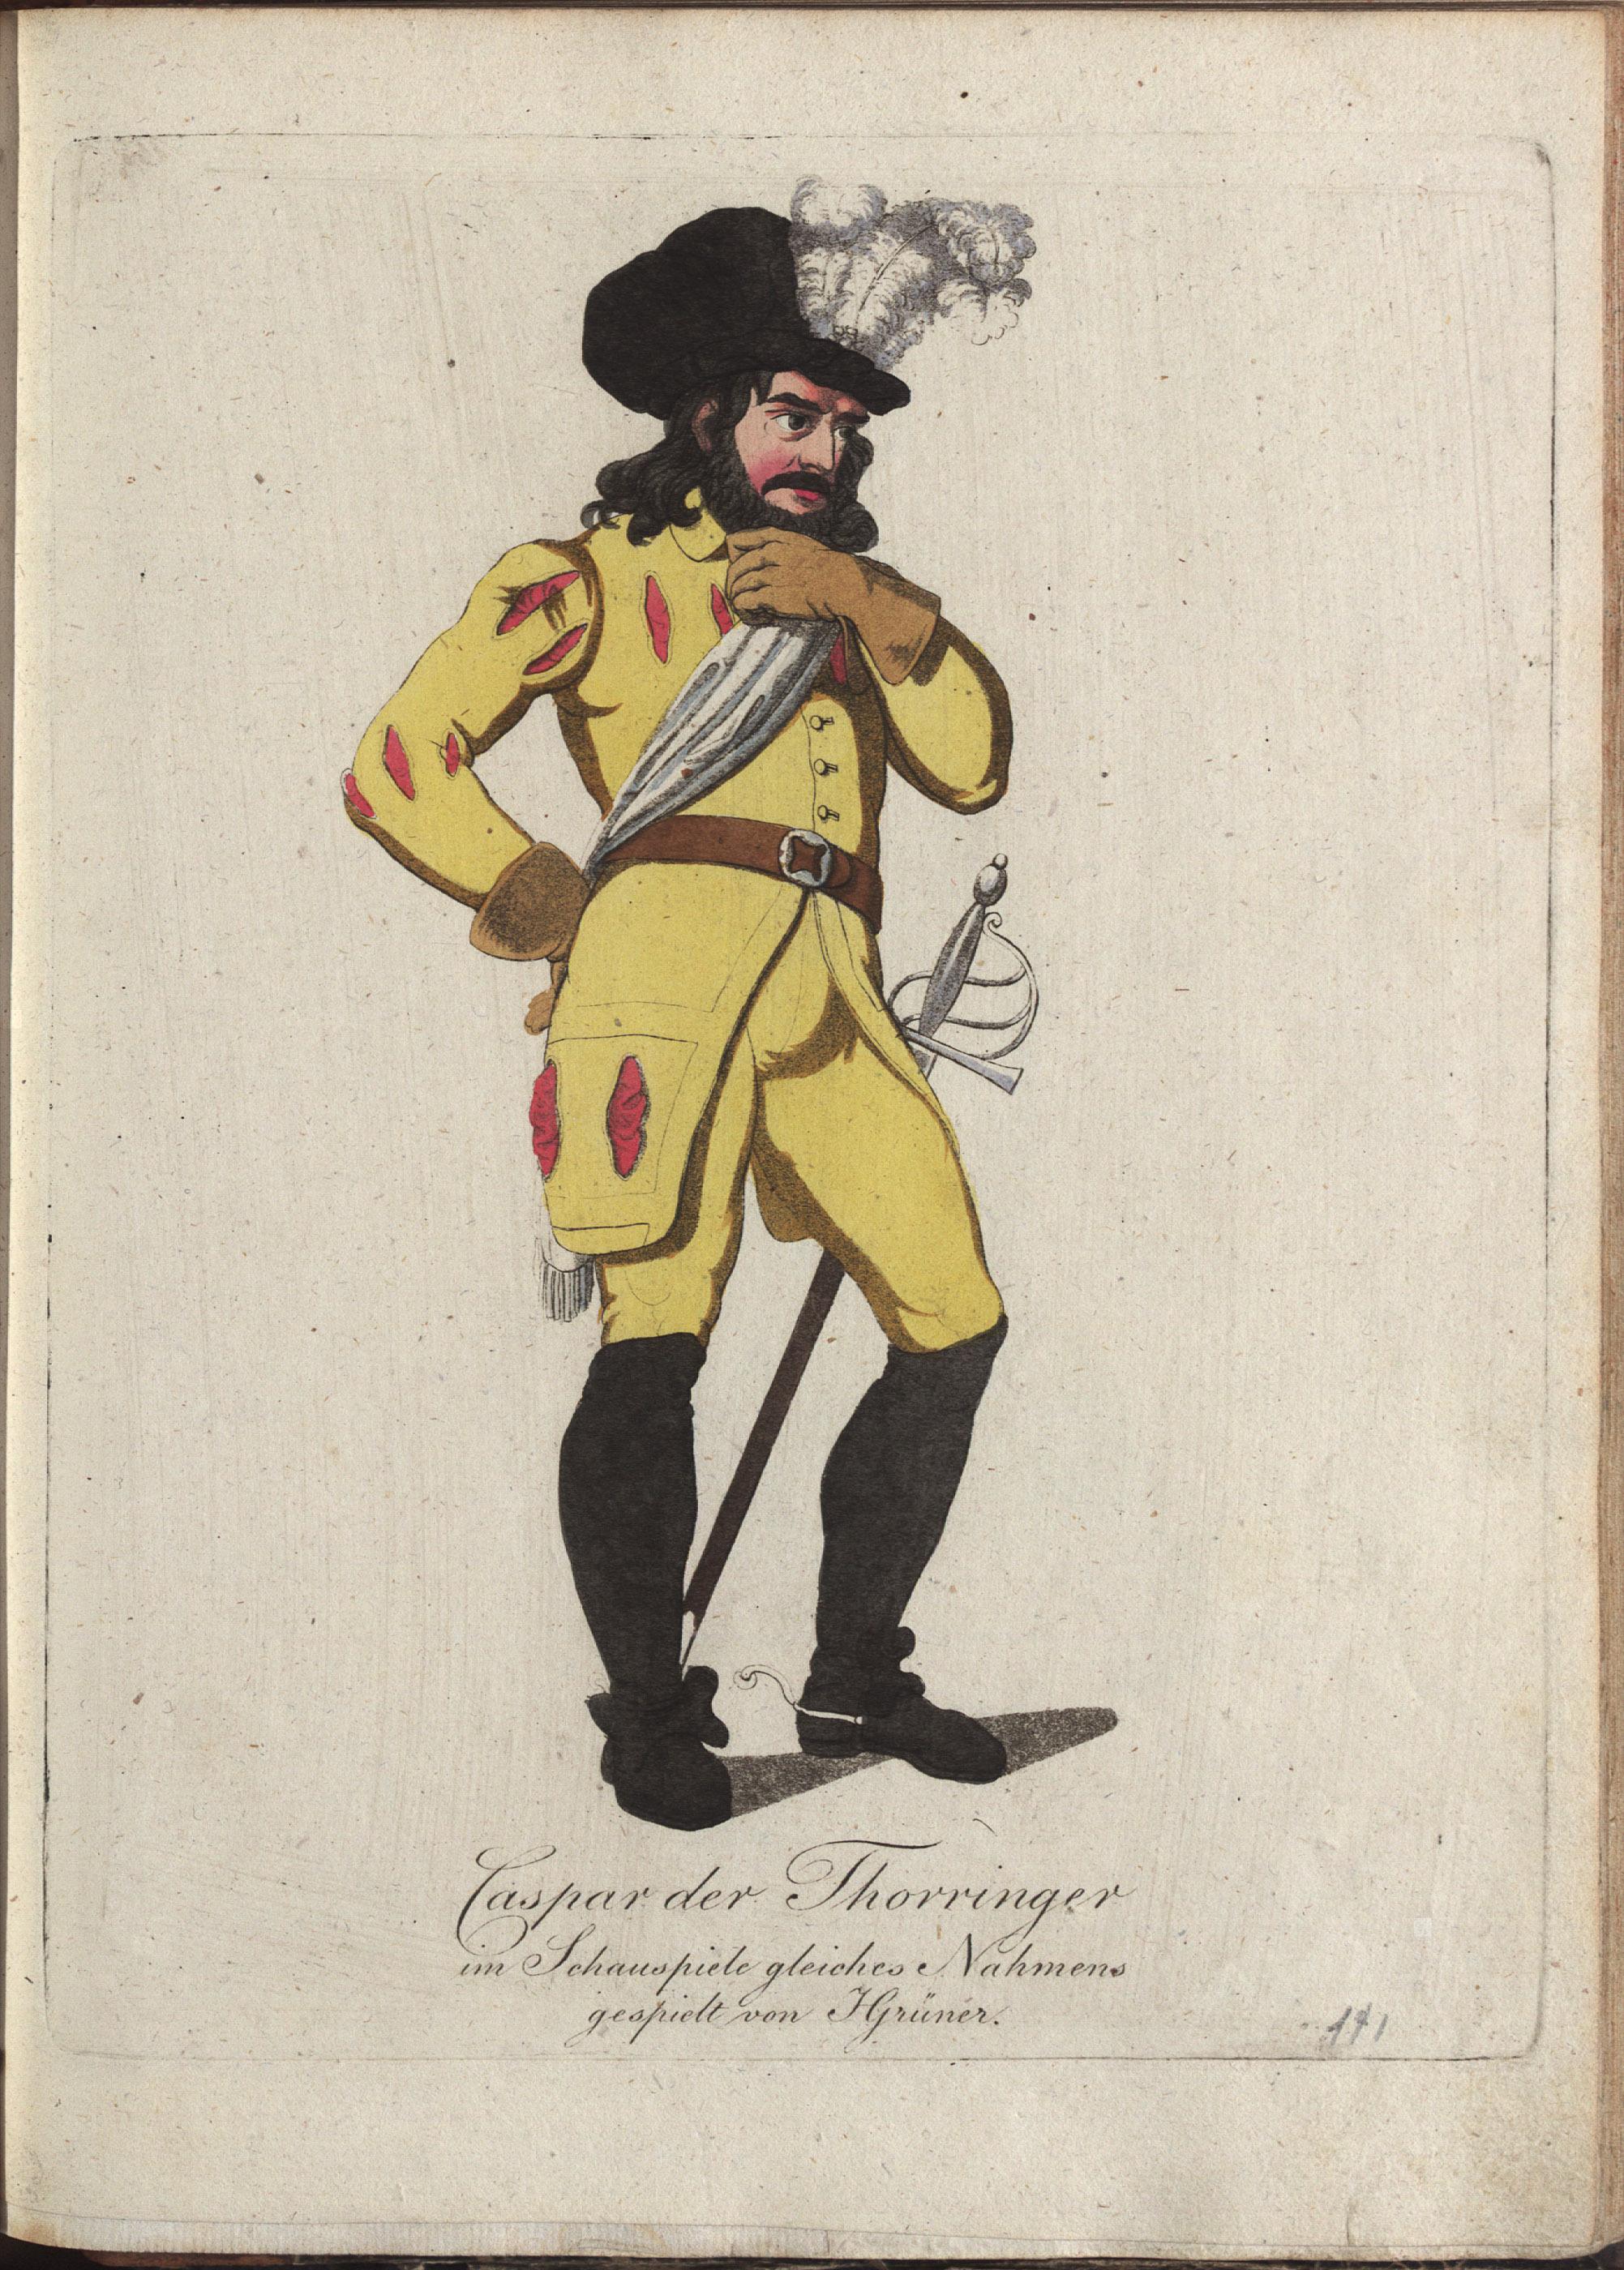 Caspar der Thorringer von Philipp von Stubenrauch